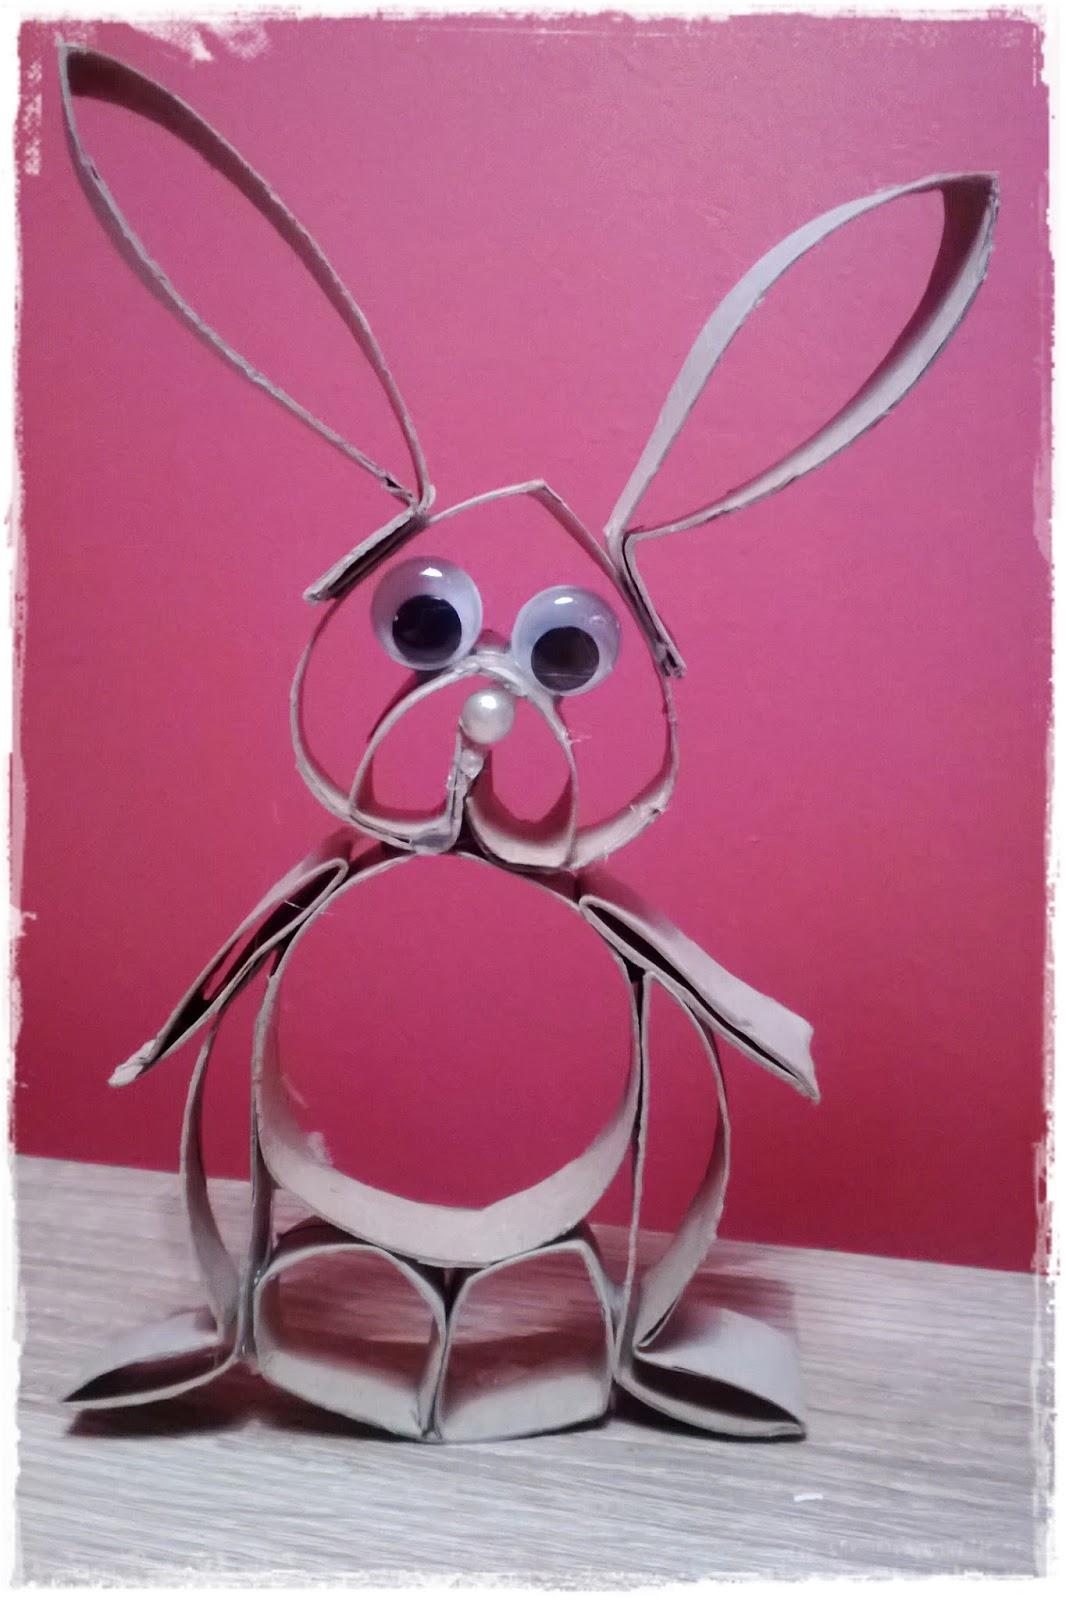 Wiosenno Wielkanocne Zabawy Z Dziećmi Kreatywne Zabawy Z